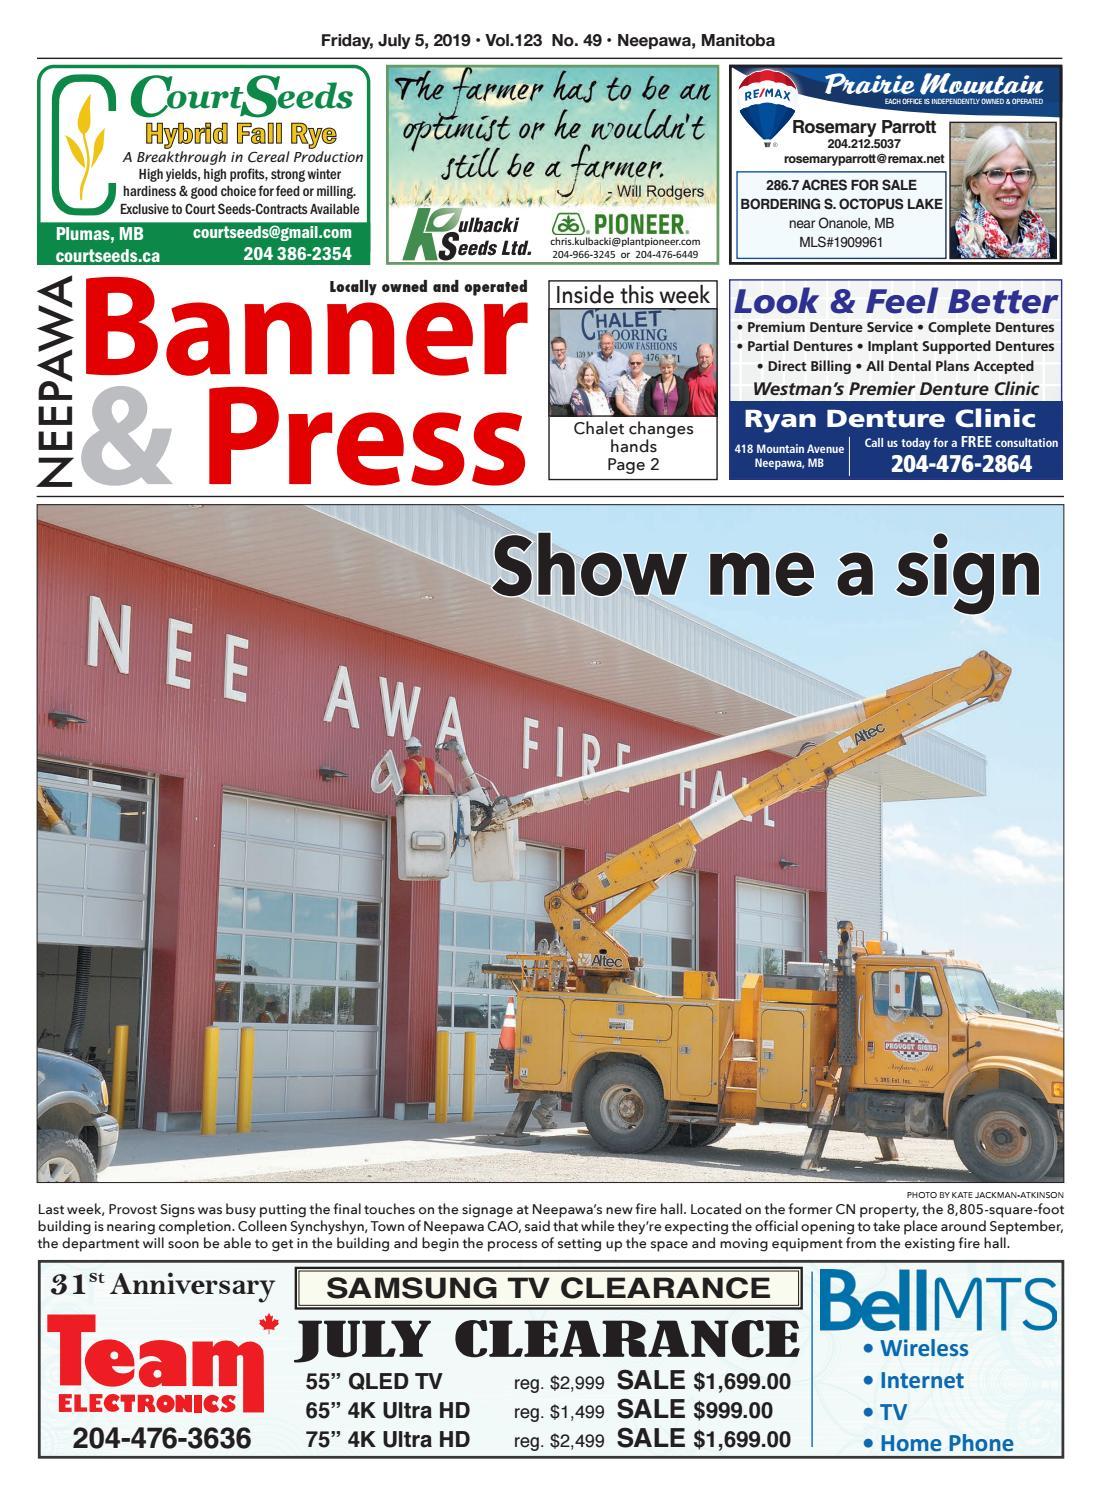 Friday, July 5, 2019 Neepawa Banner & Press by Neepawa